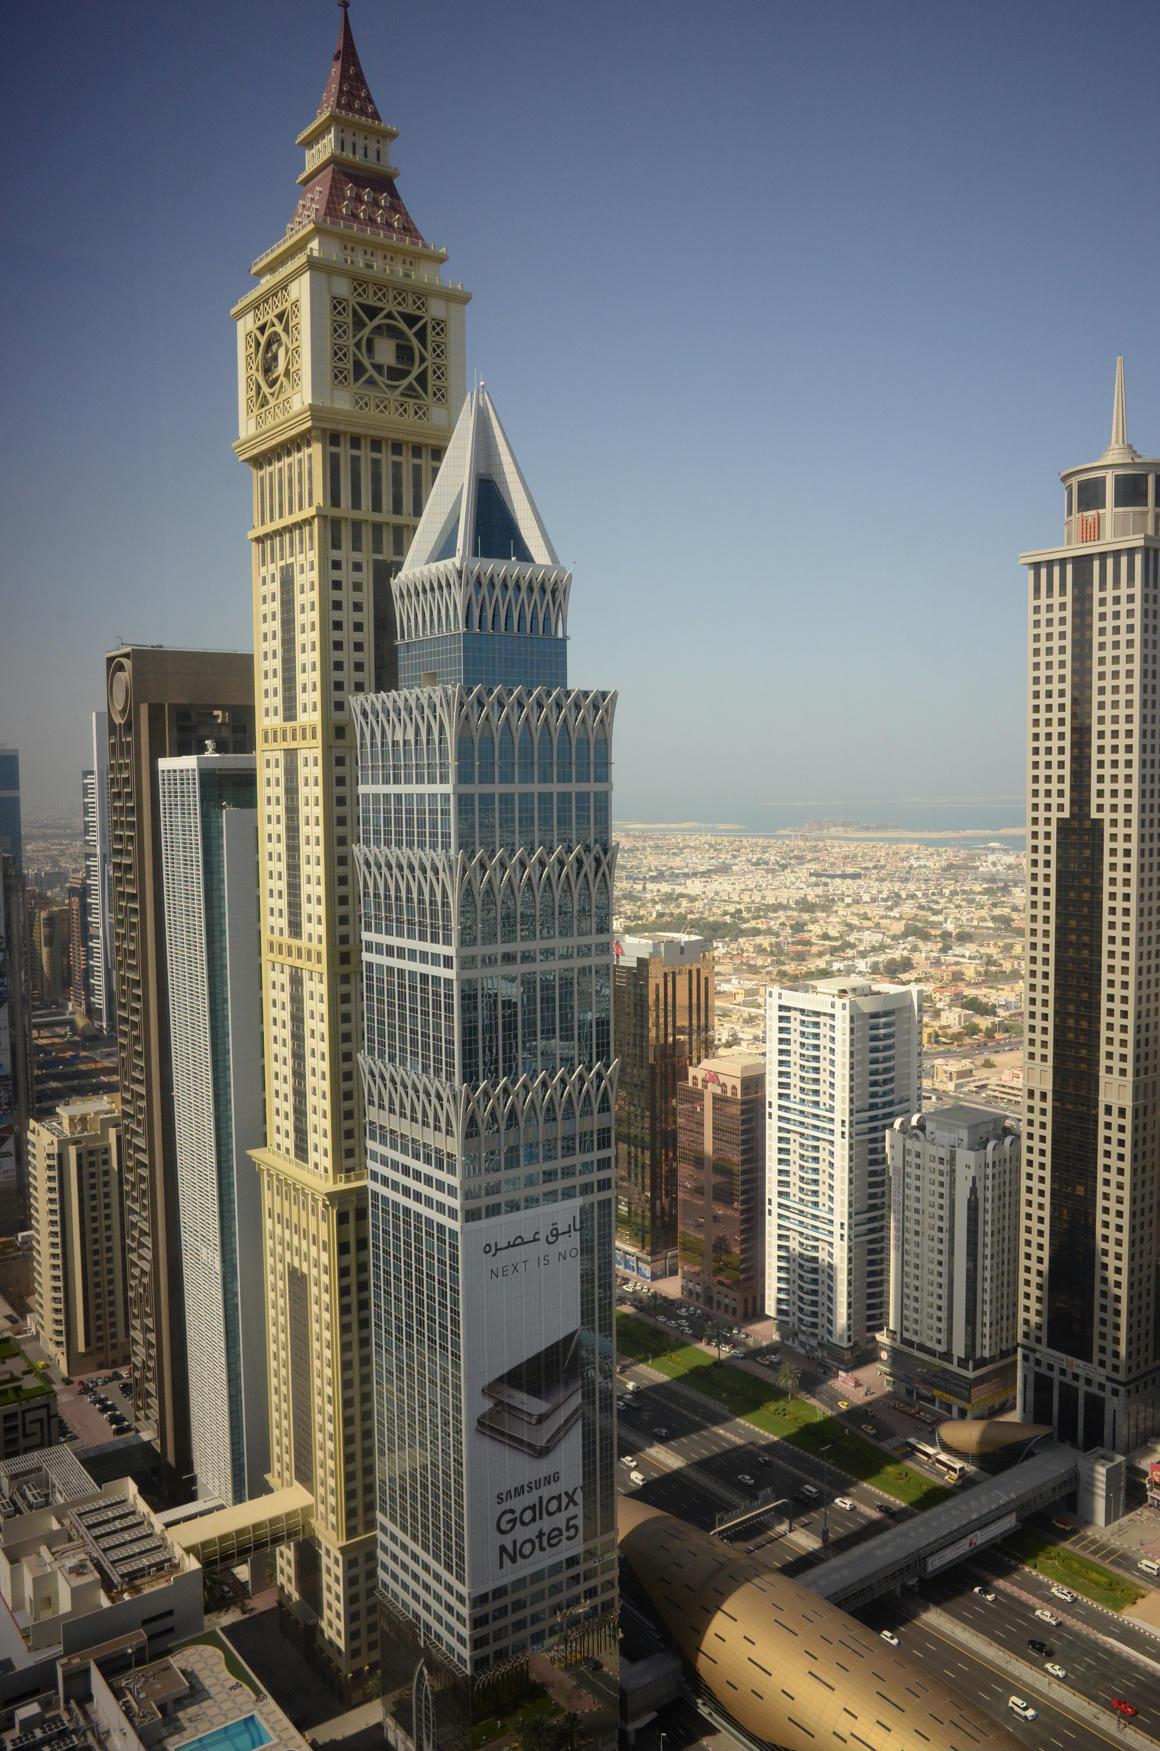 Miért járnak mostanában a gazdag, politikailag jól bekötött üzletemberek magángéppel Dubajba?